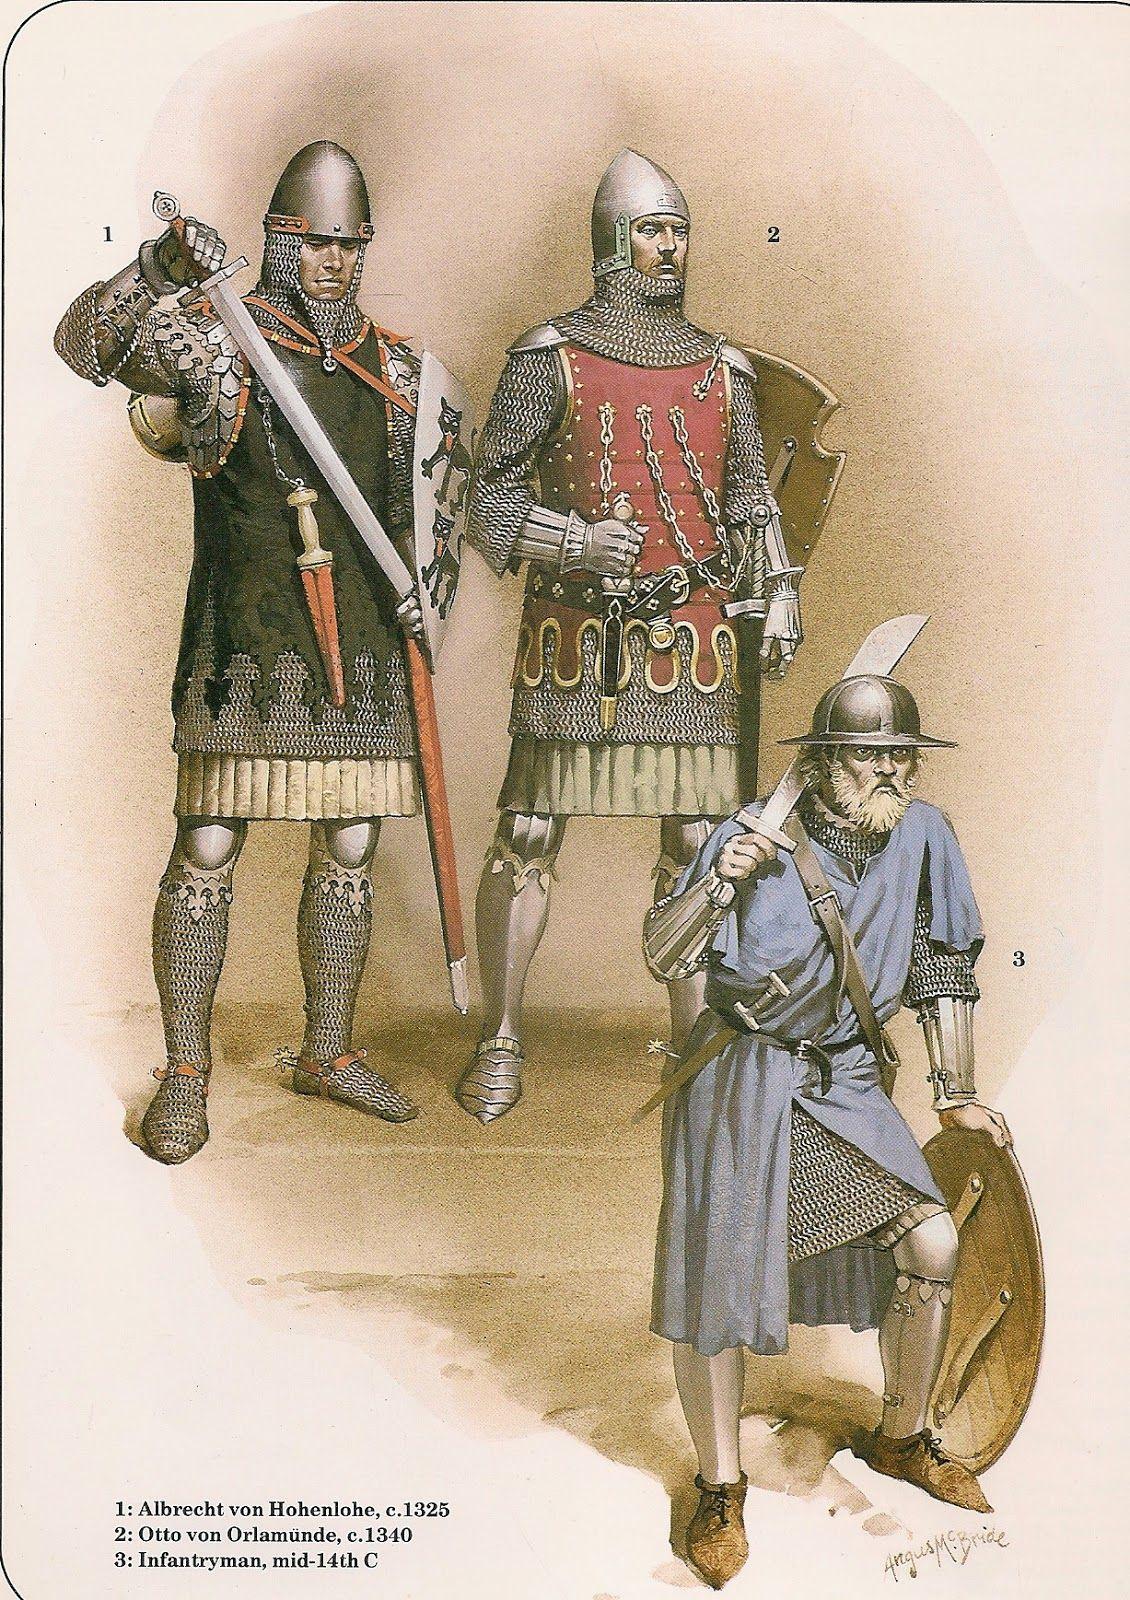 MINIATURAS MILITARES POR ALFONS CÀNOVAS: EJERCITOS MEDIEVALES GERMANOS (1300-1500 ) por Angus McBRIDE.